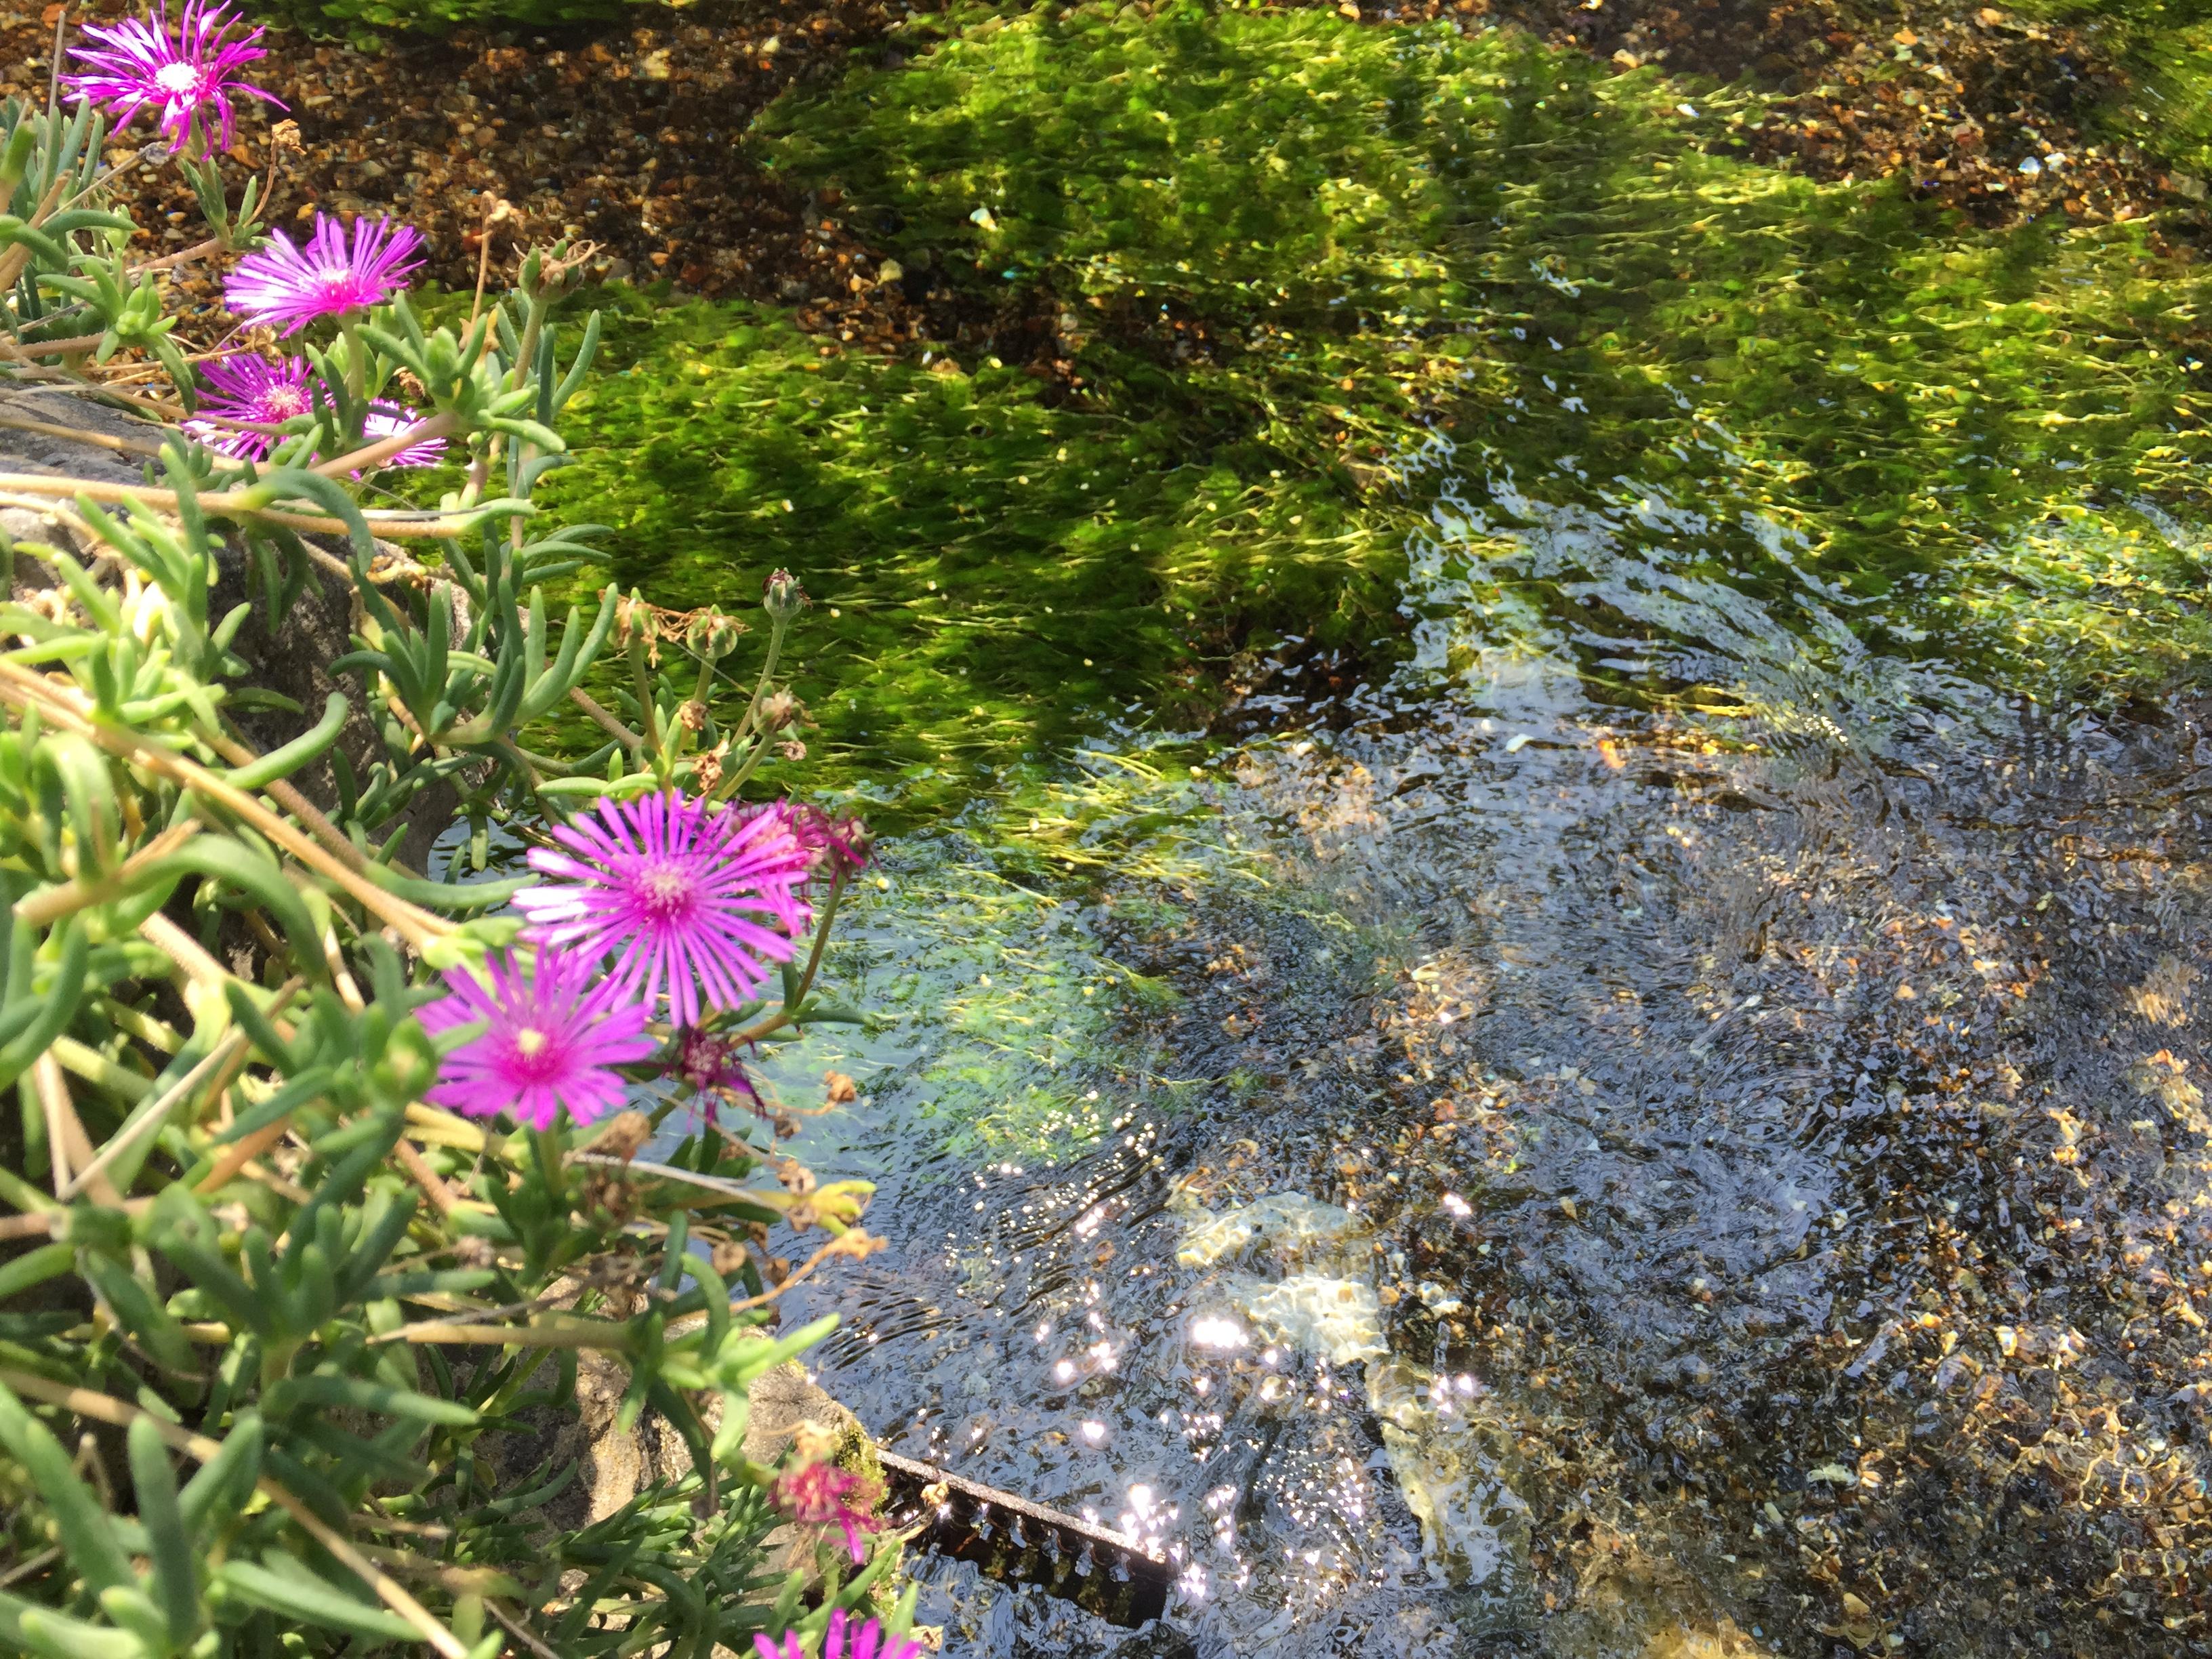 セローでツーリング 滋賀の蓮と梅花藻